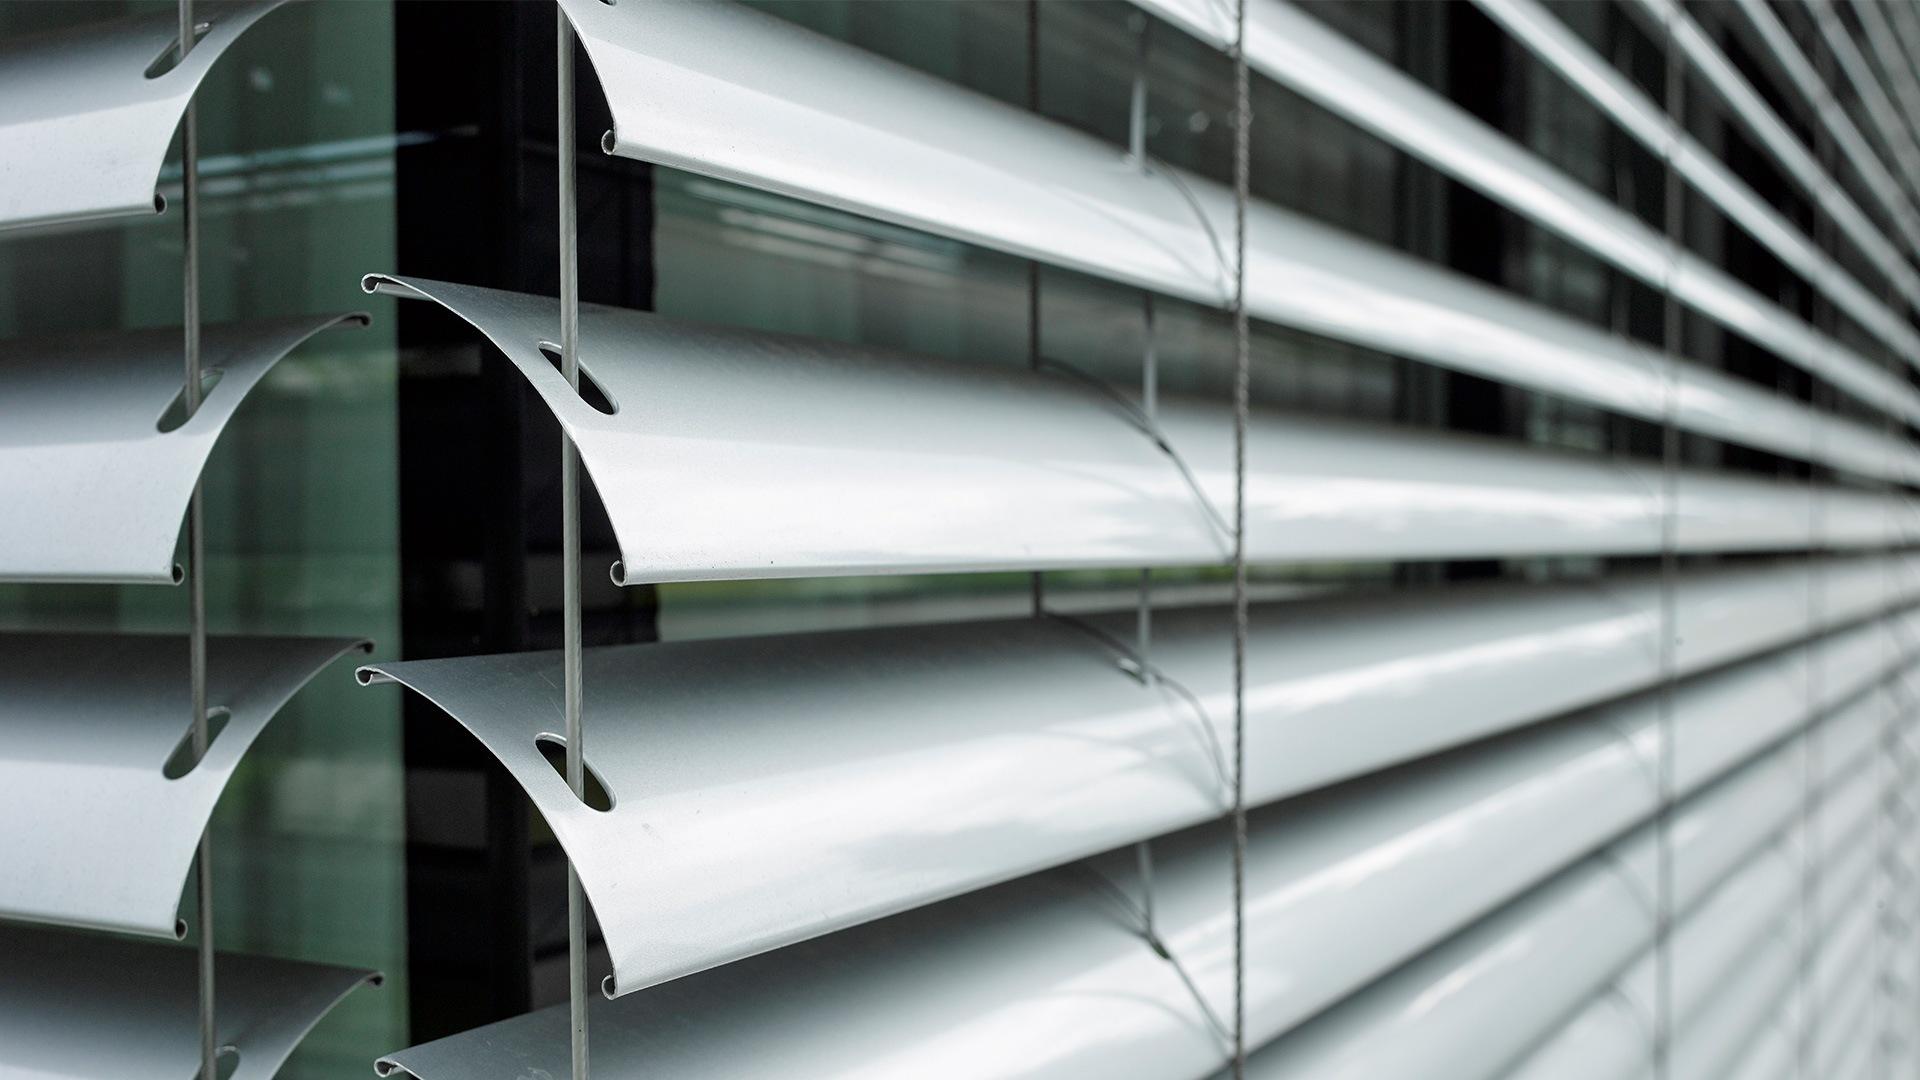 zanker raffstore 03 - Sonnenschutz für Fenster und Fassade